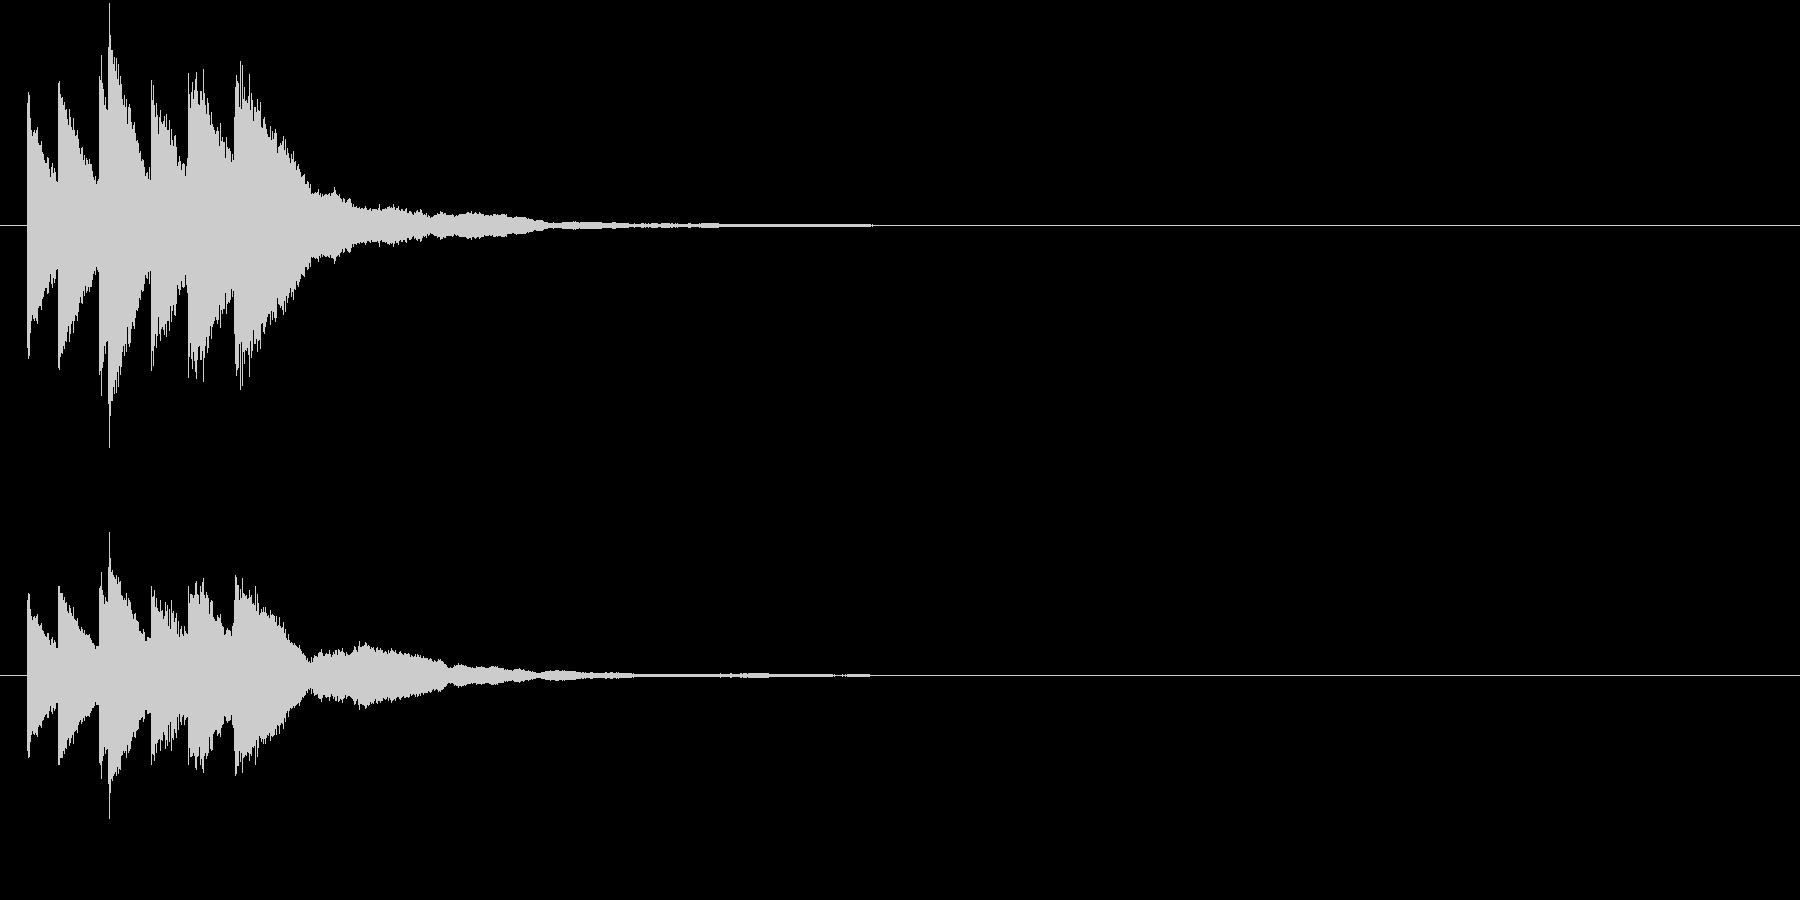 キラリン キラキラ 星 グロッケン の未再生の波形